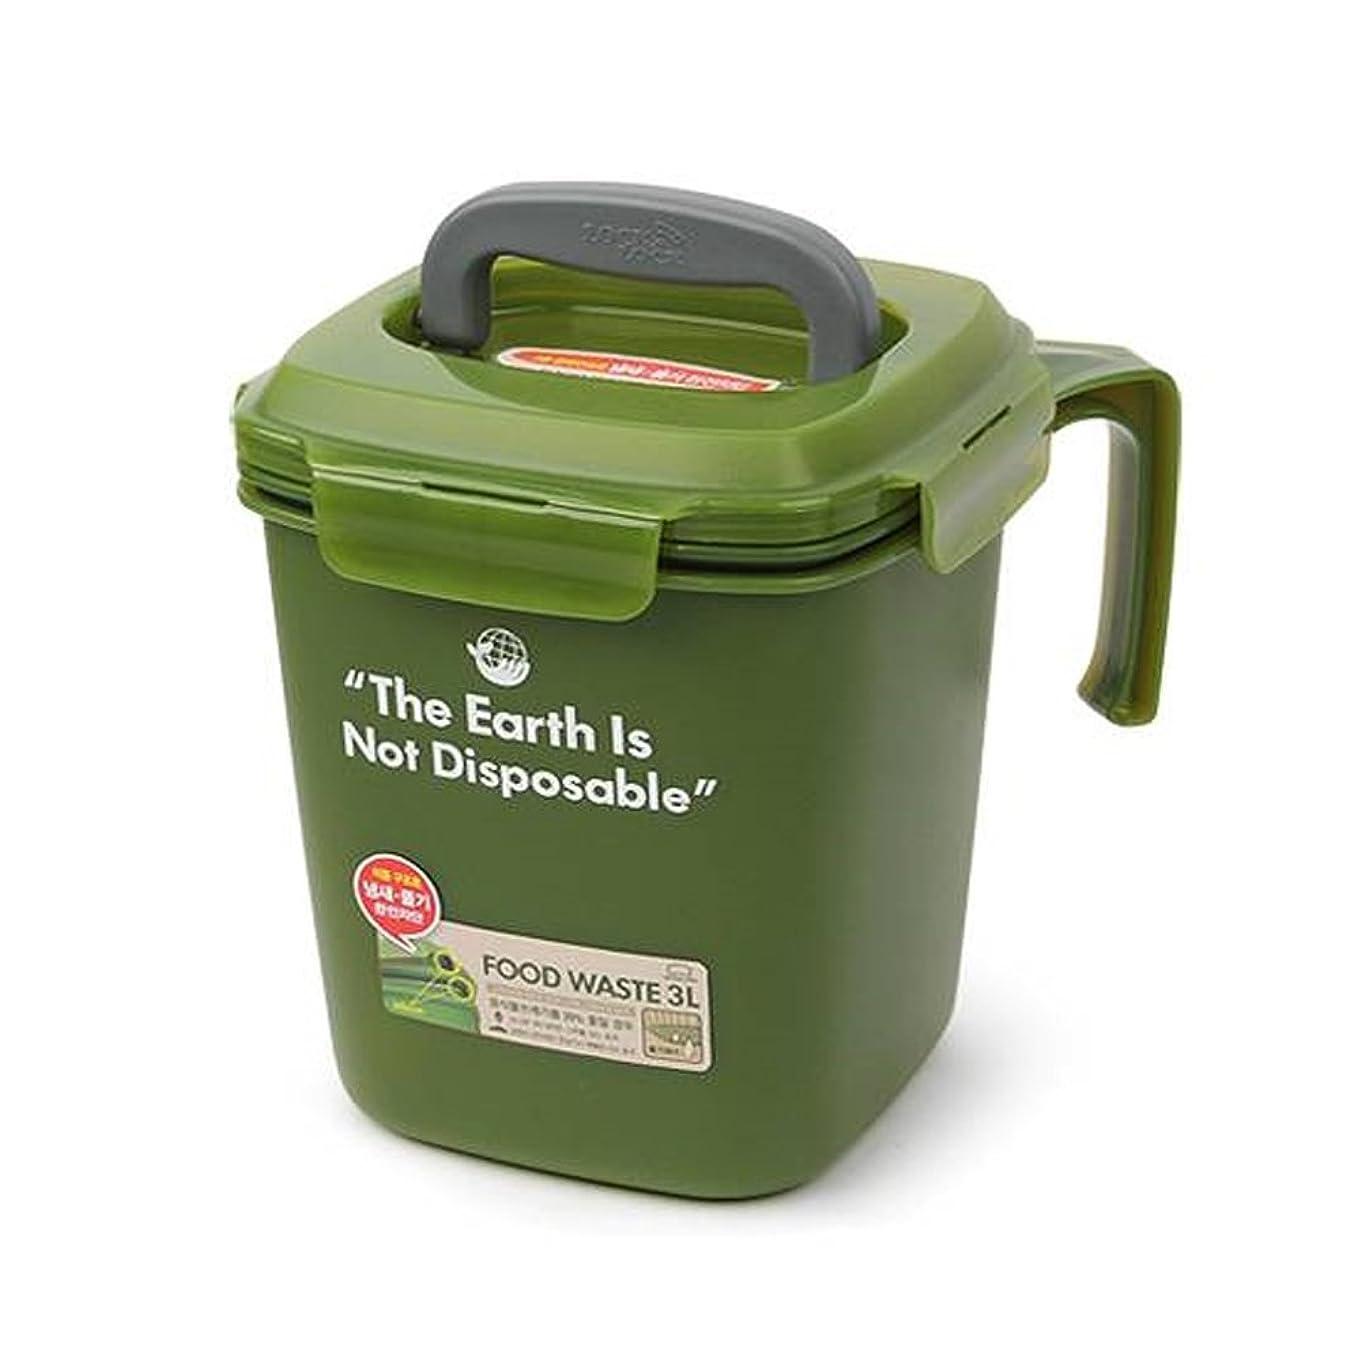 ぐるぐる煩わしい途方もない家庭用生ごみ処理機 バイオ式 肥料 ル?カエル 基本セット(本体+チップ材10L) 本体カラー:オレンジ